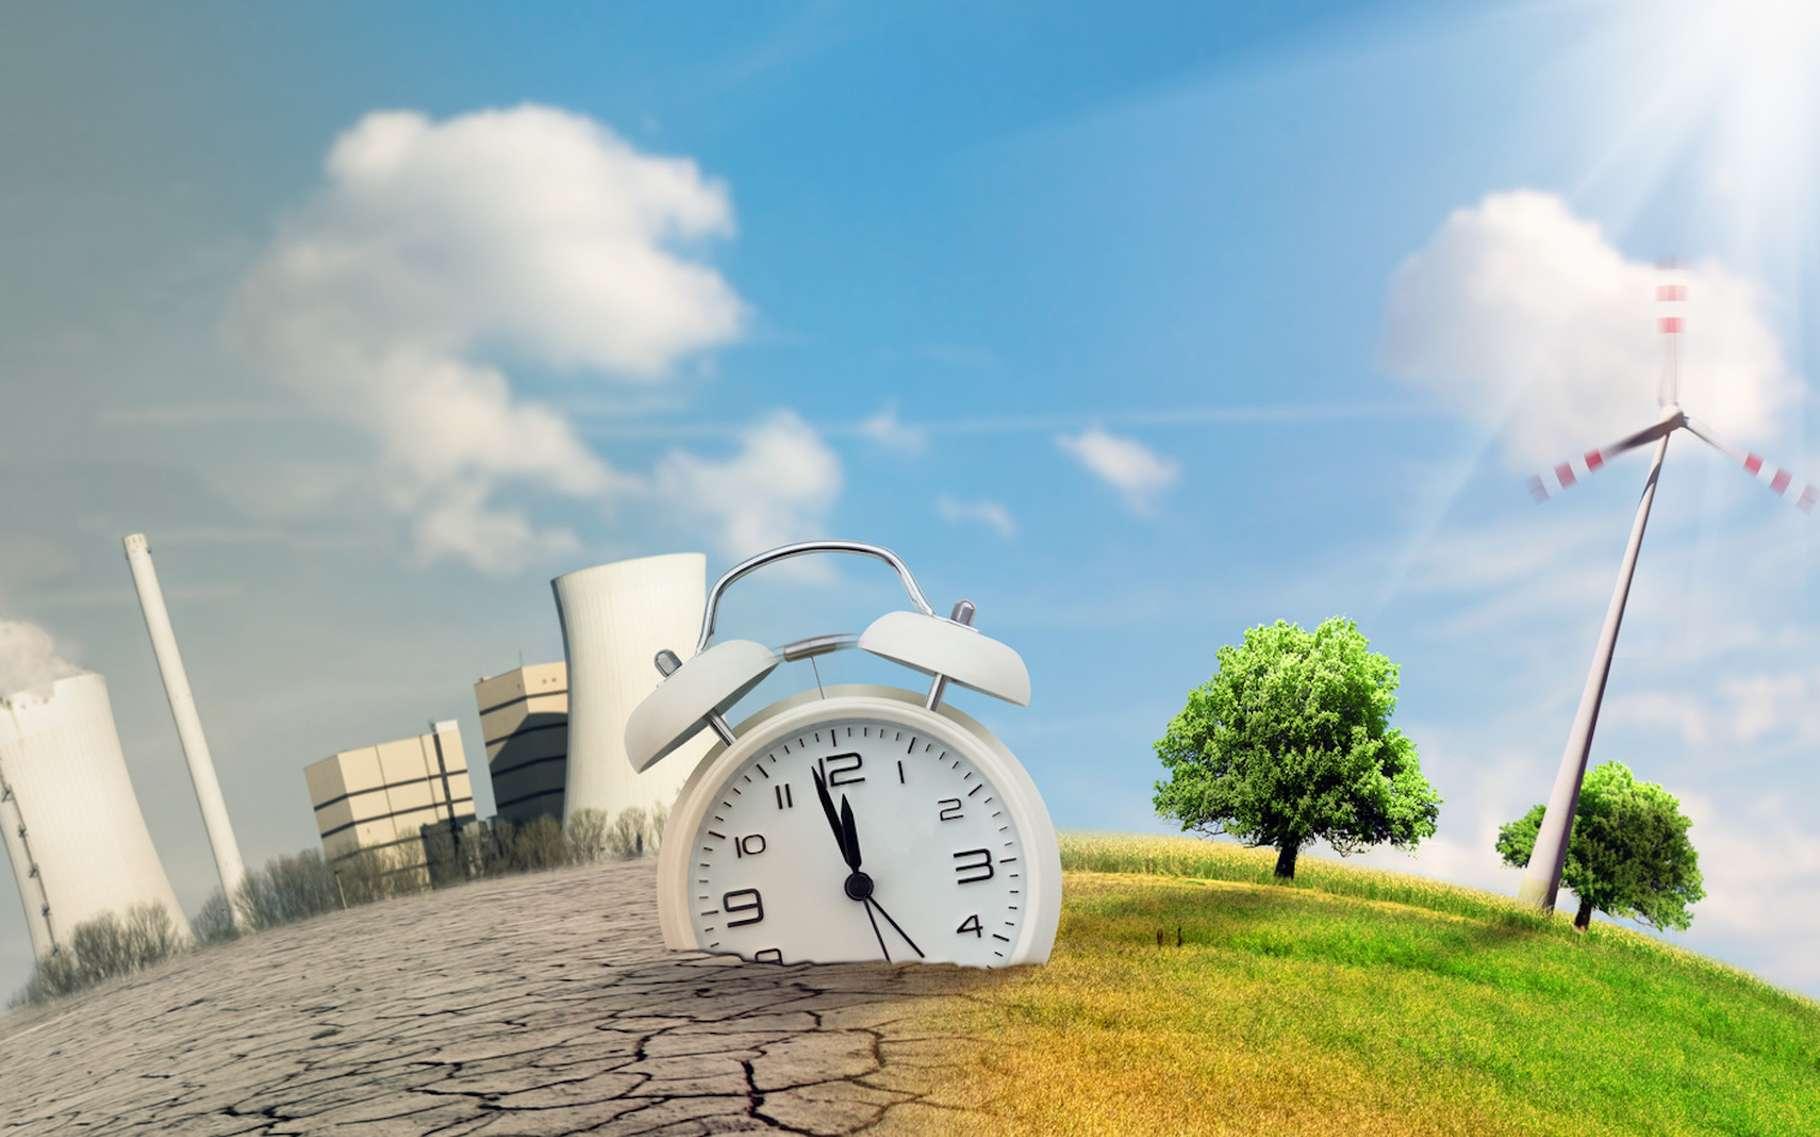 Le dernier rapport du Groupement d'experts intergouvernemental sur l'évolution du climat (Giec) présente les conséquences du réchauffement climatique sur notre monde et appelle à l'action. © jozsitoeroe, Fotolia